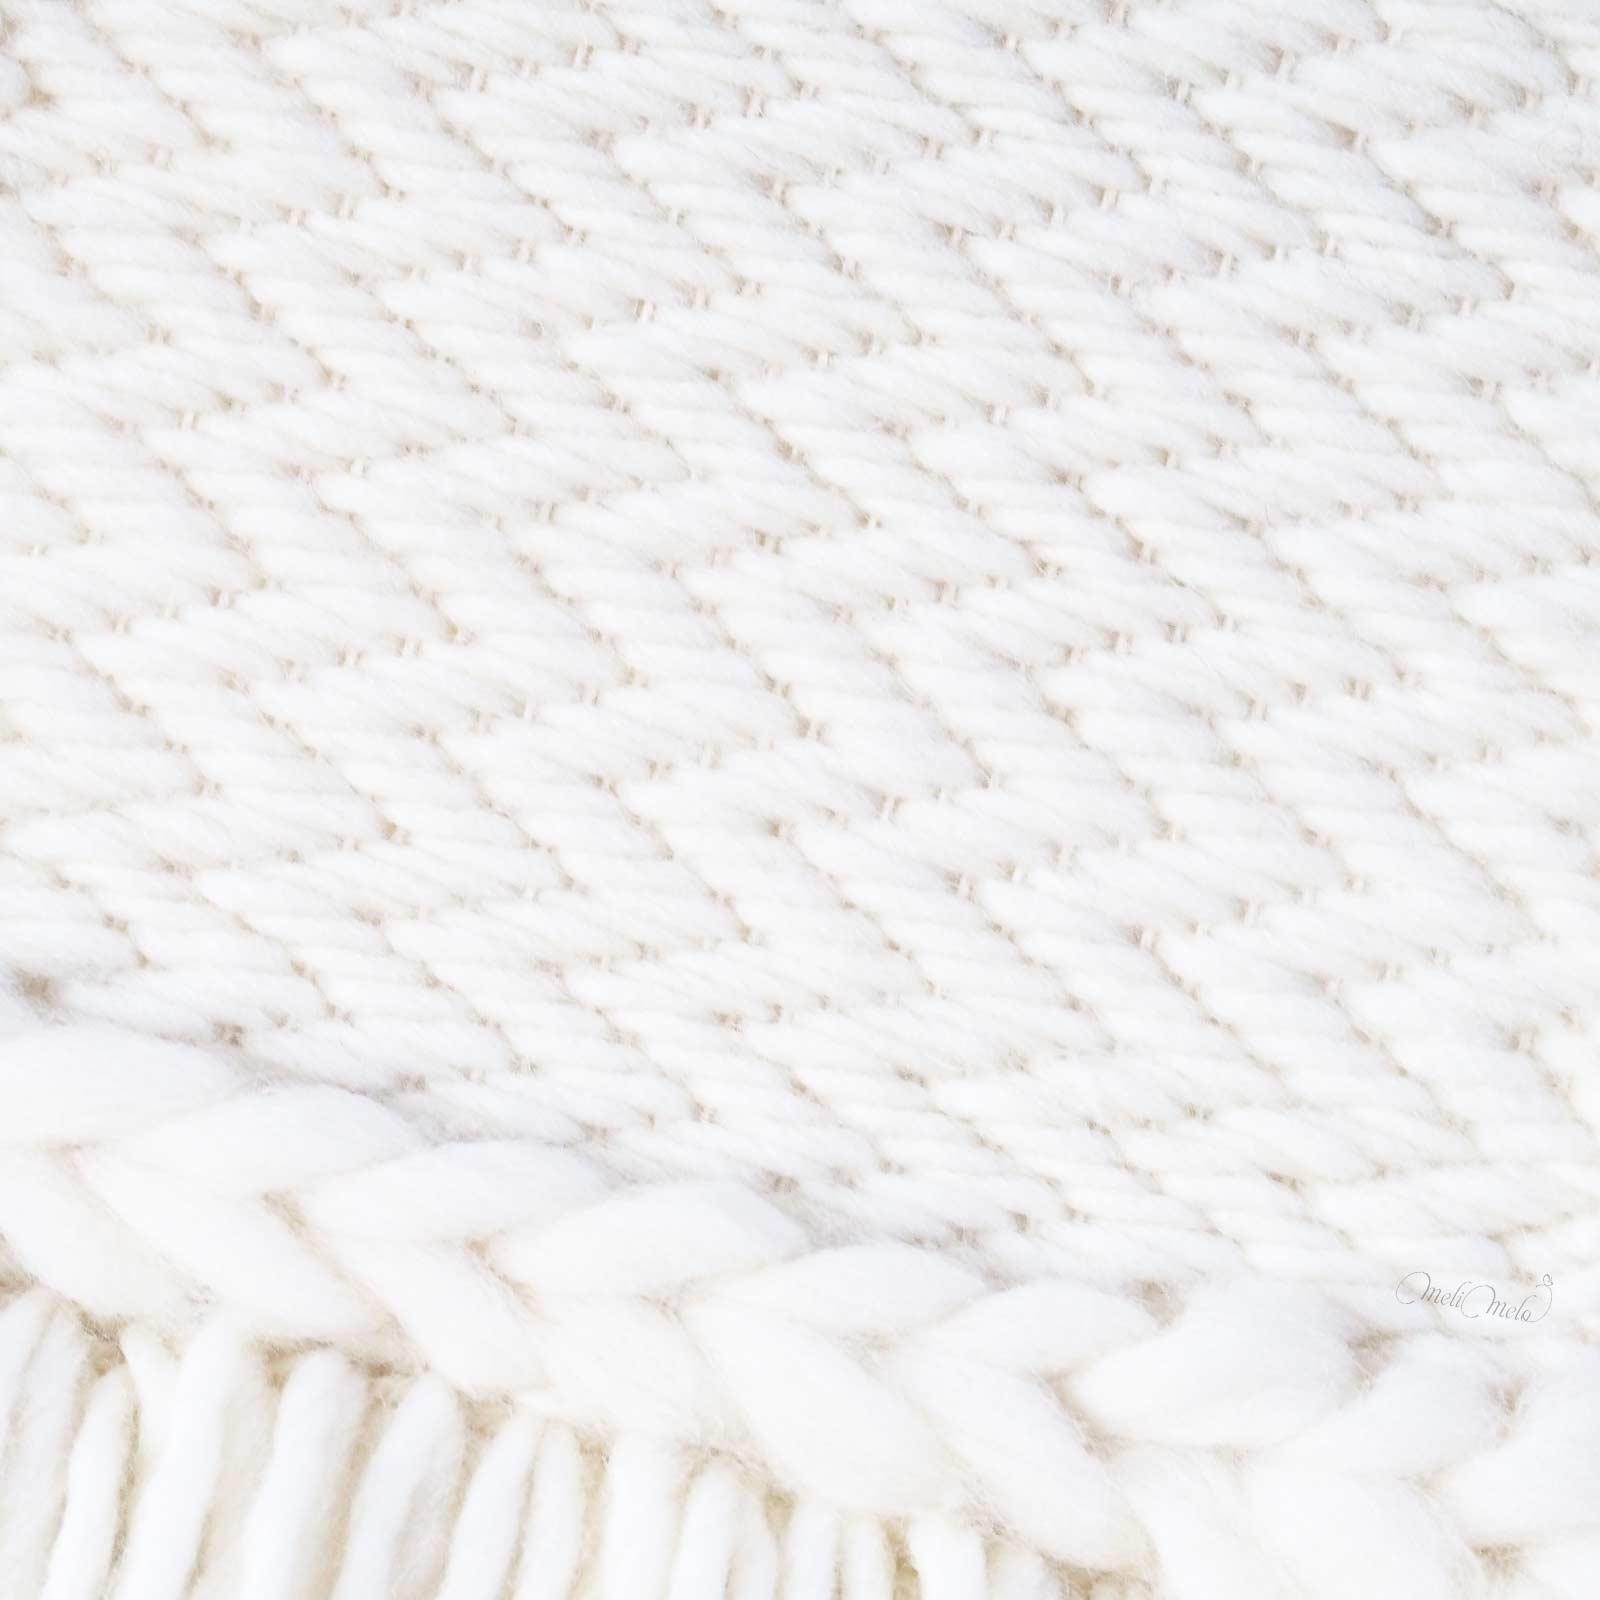 tissage laine détails zigzag twill weave wool weaving laboutiquedemelimelo